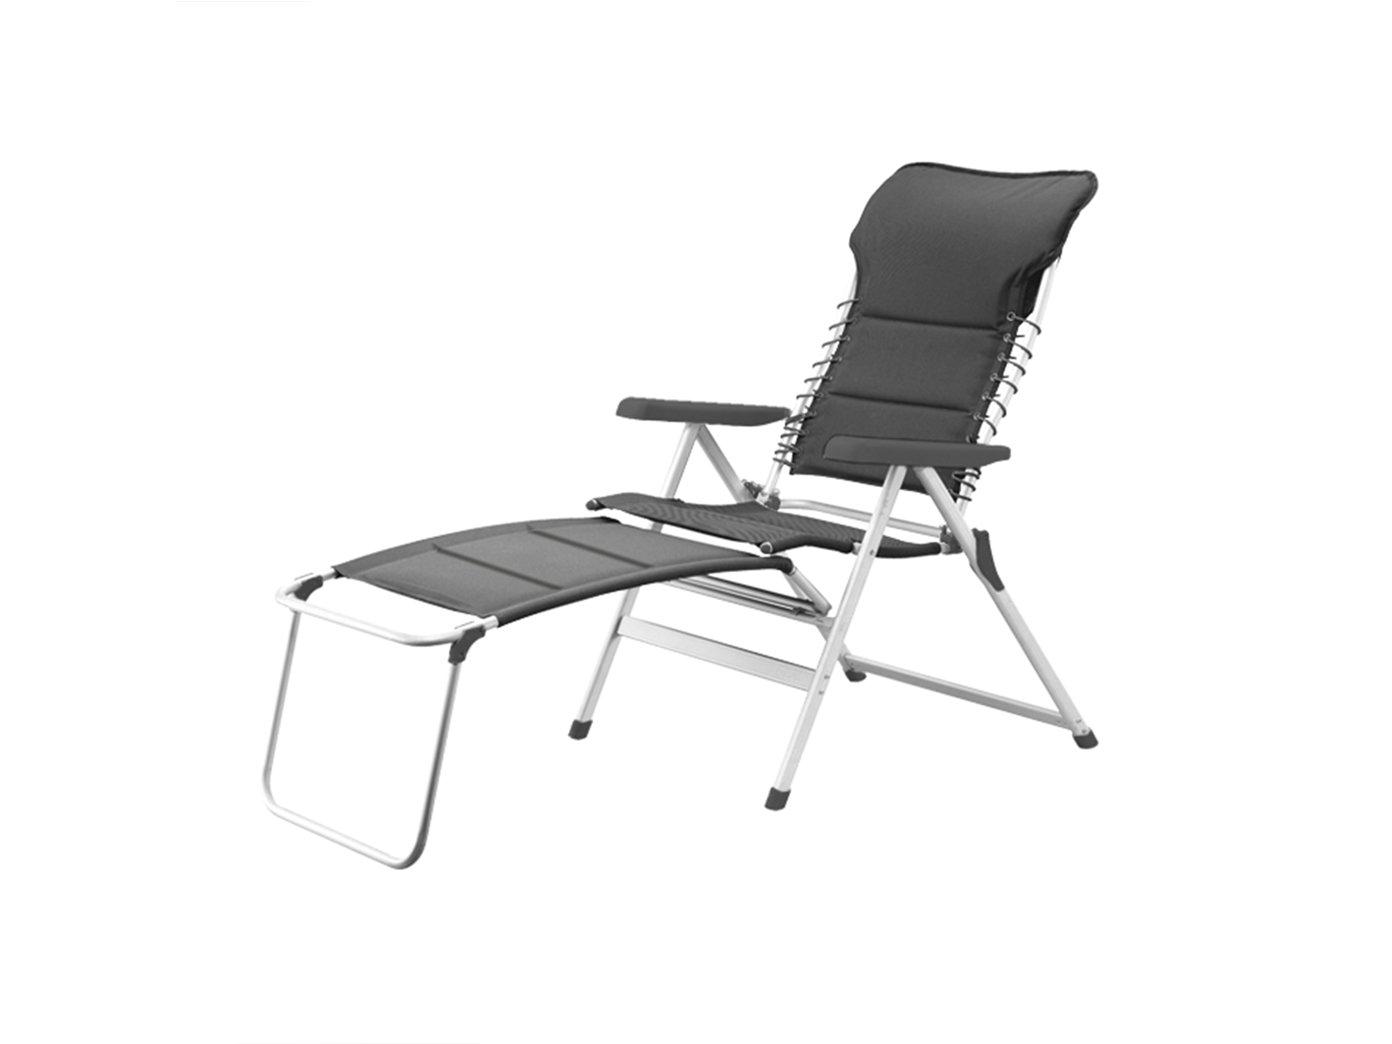 XXL stabiler Hochlehner Campingstuhl gepolstert in Anthrazit mit praktischer Fußablage - Ideal zum Relaxen